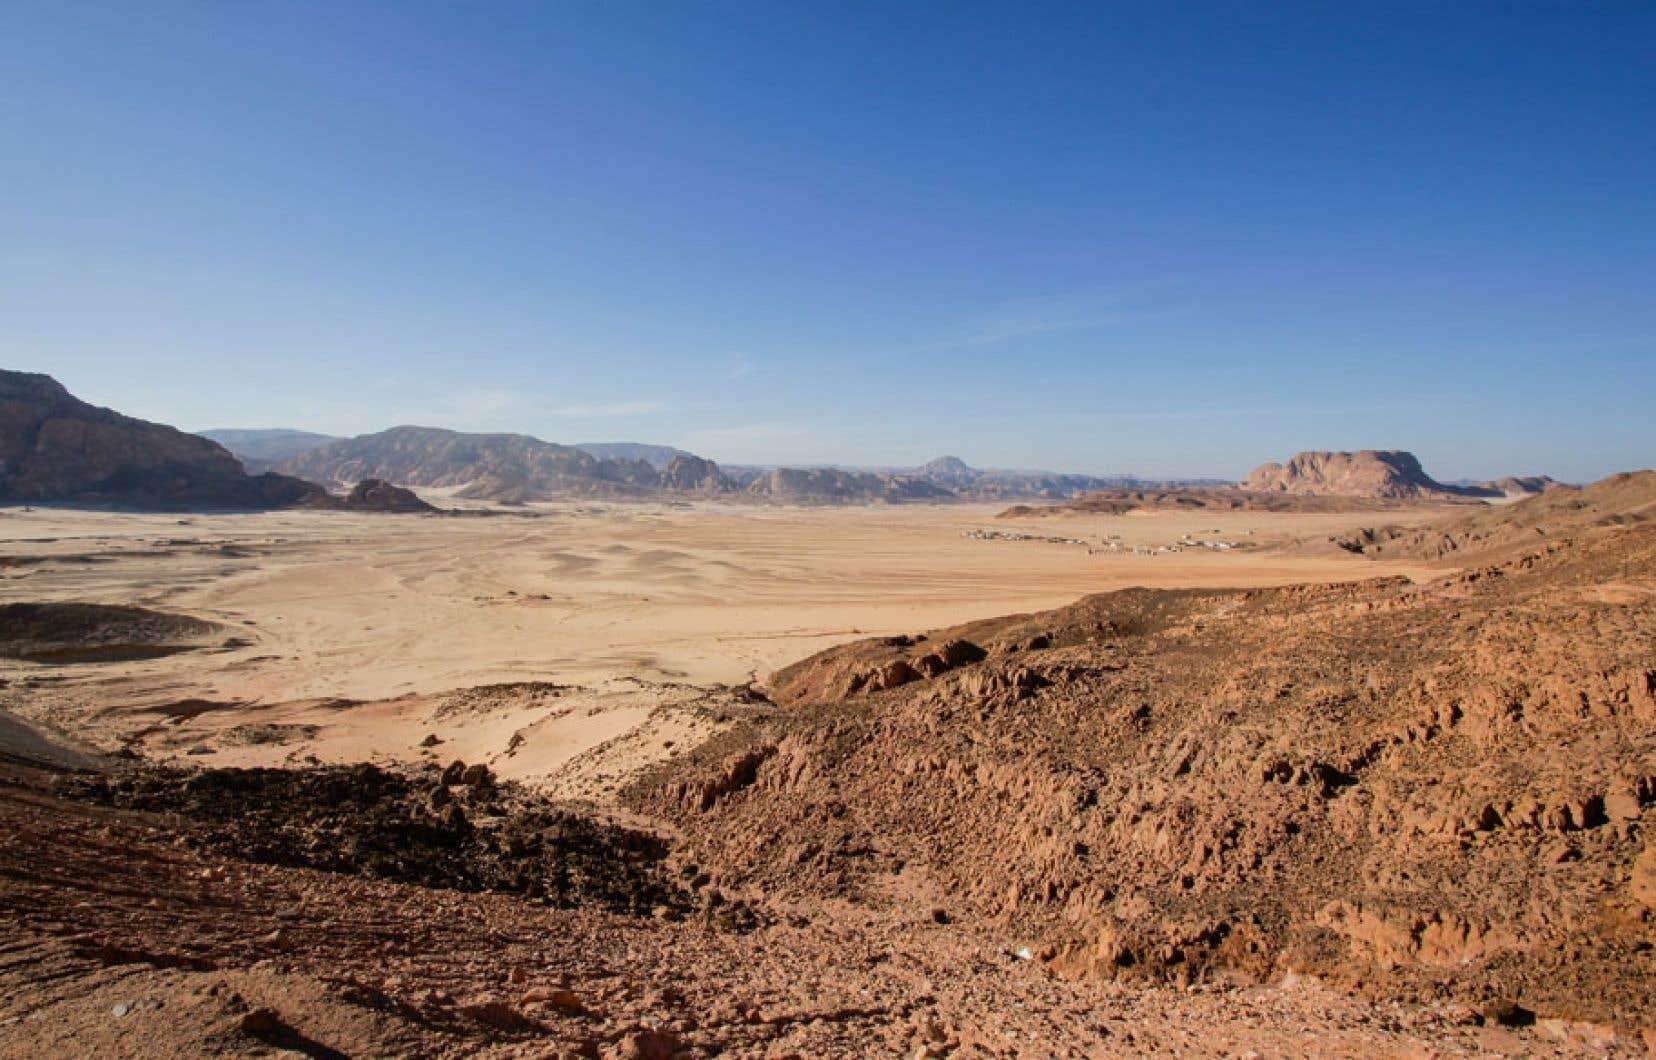 L'écriture utilisée pour l'inscription n'était attestée jusqu'alors que dans le nord du Hedjaz, dans le Sinaï (notre photo) et au Levant.